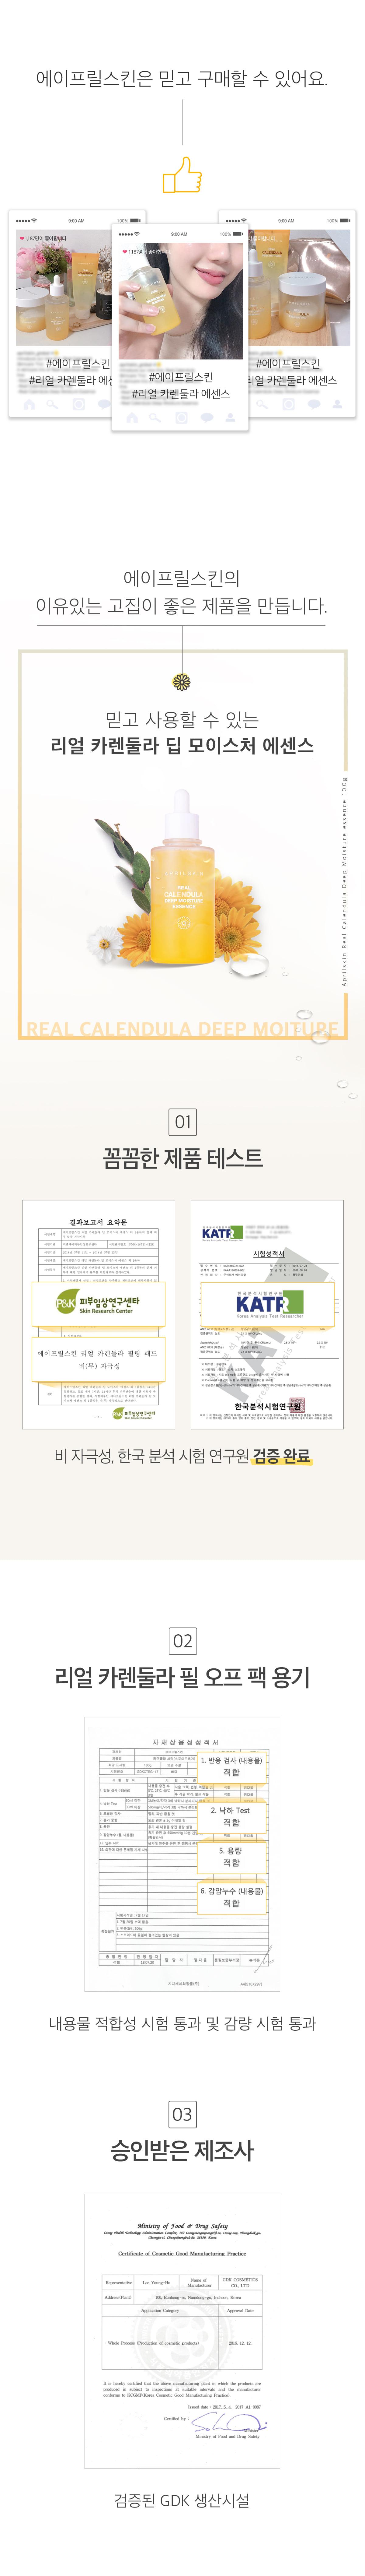 copy-1540980320-es4-2-1-.jpg